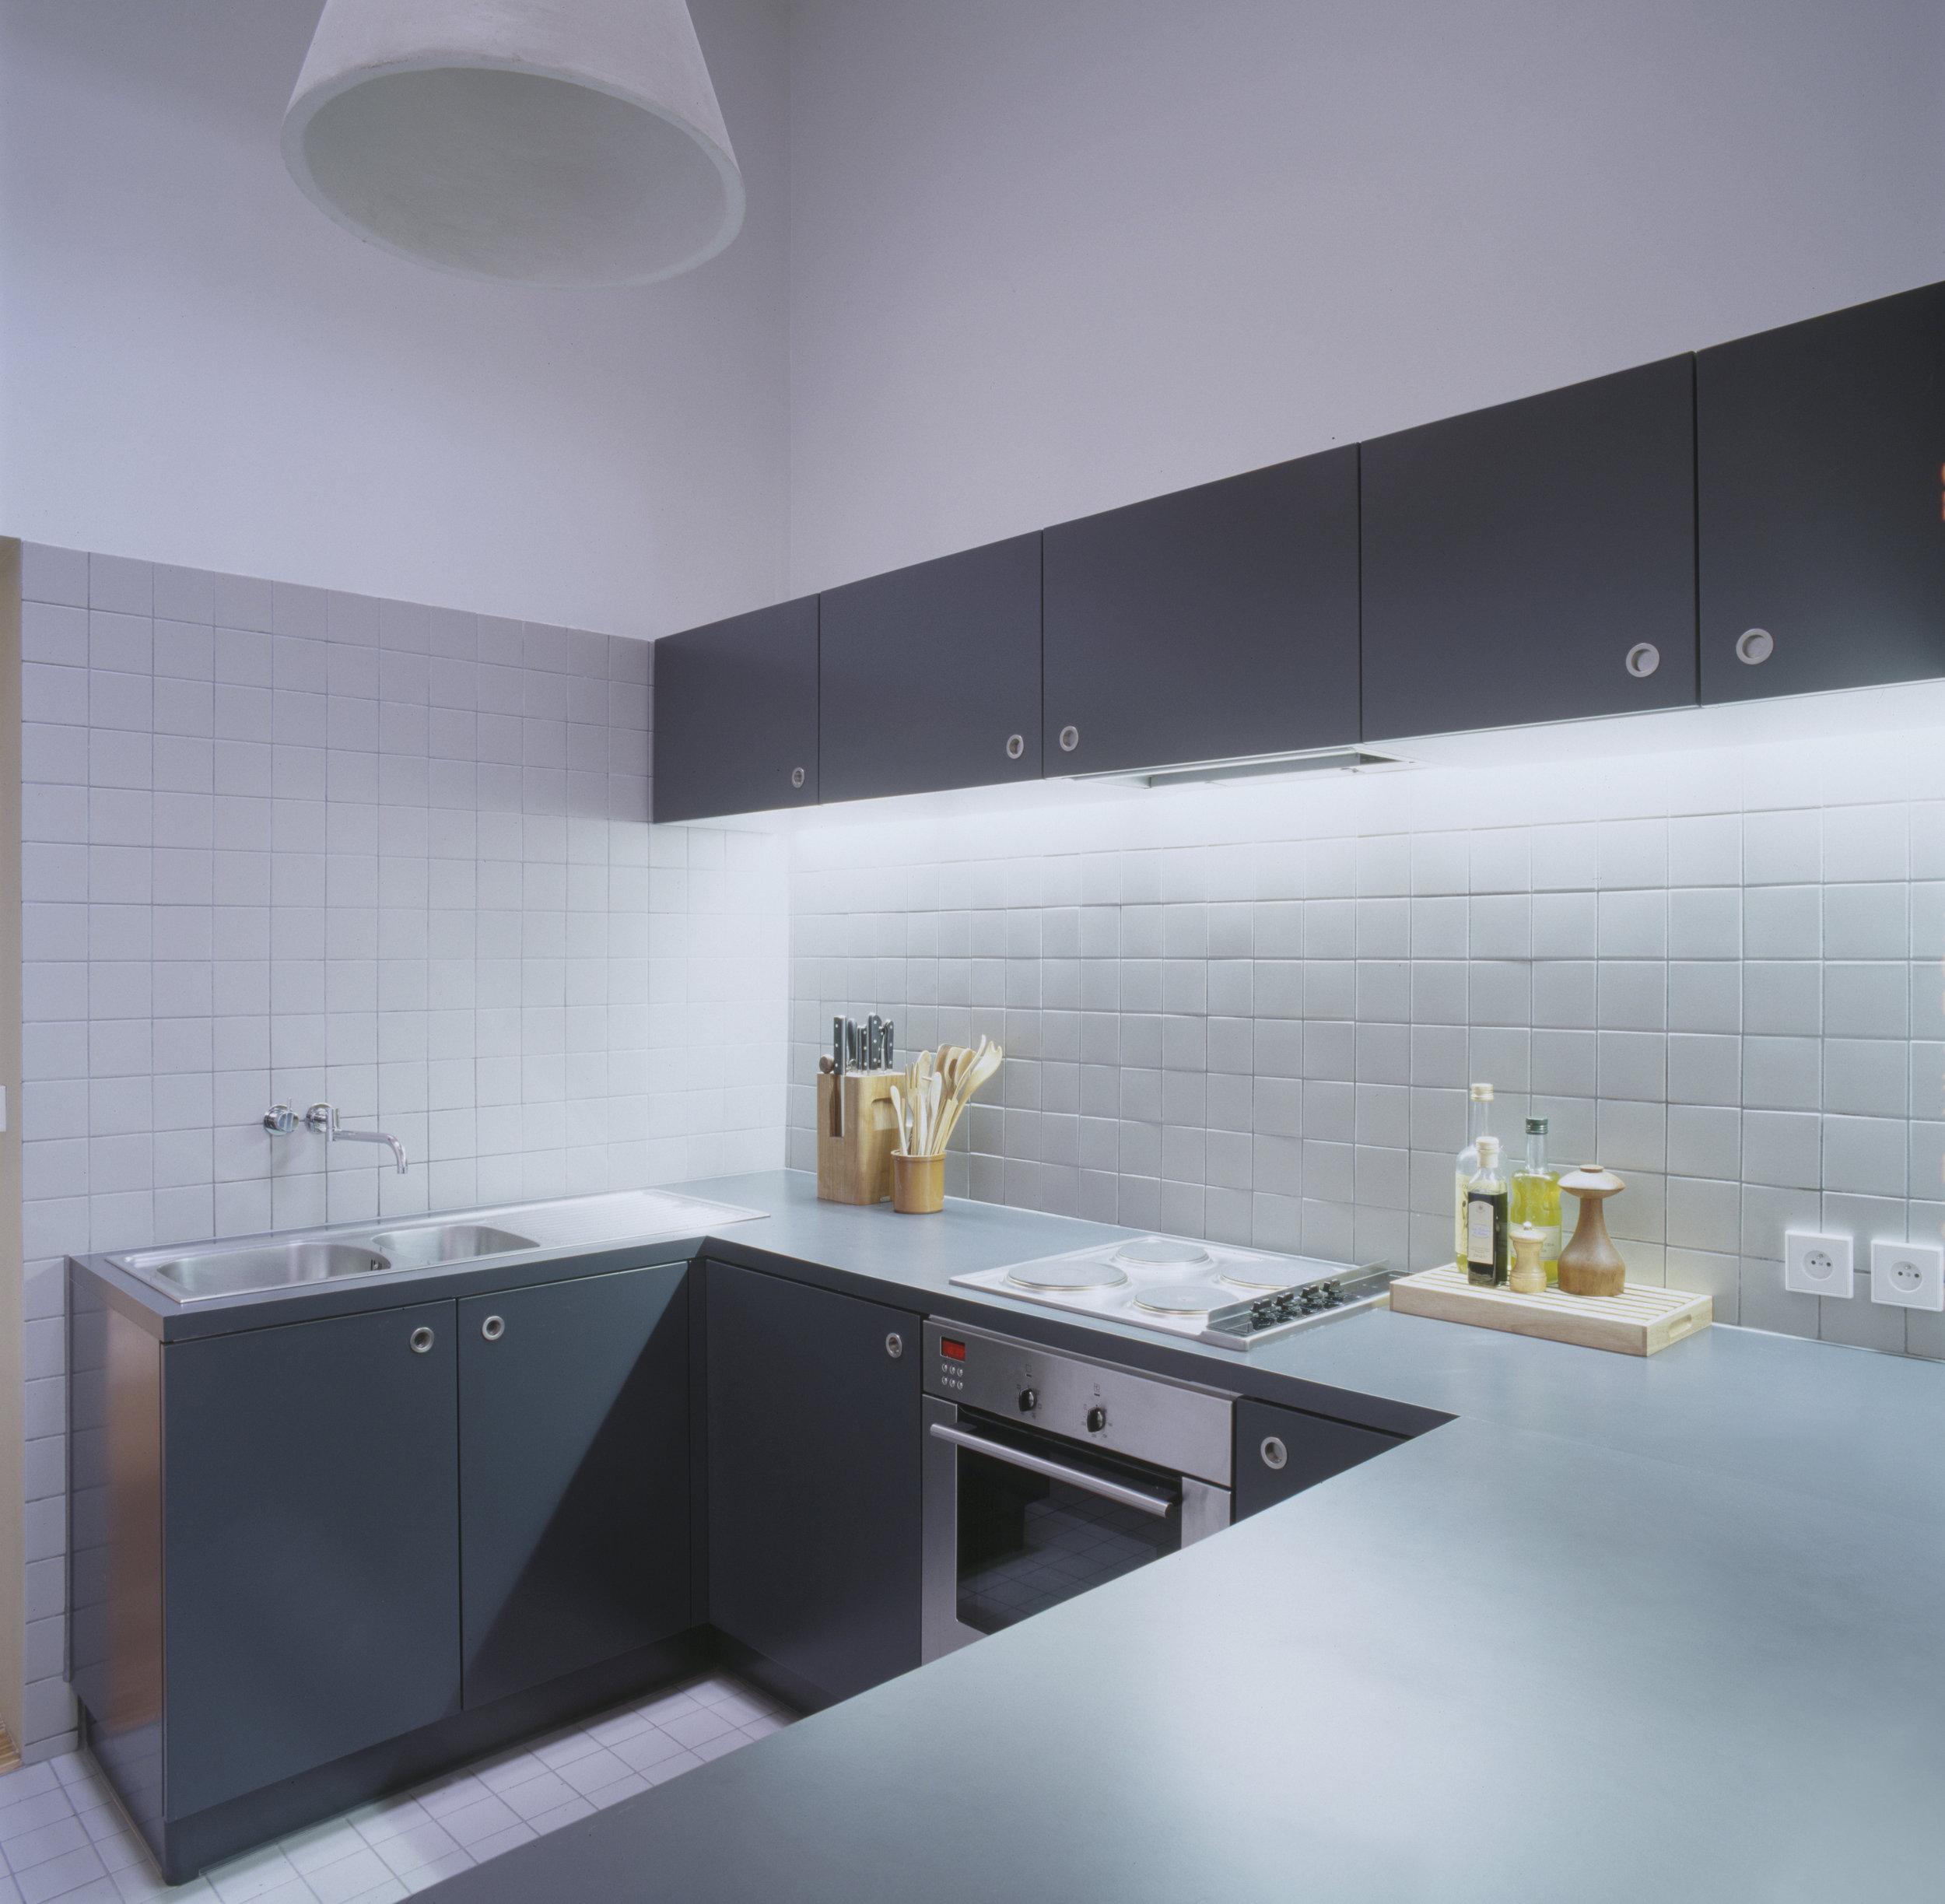 007__kitchen_2.jpg